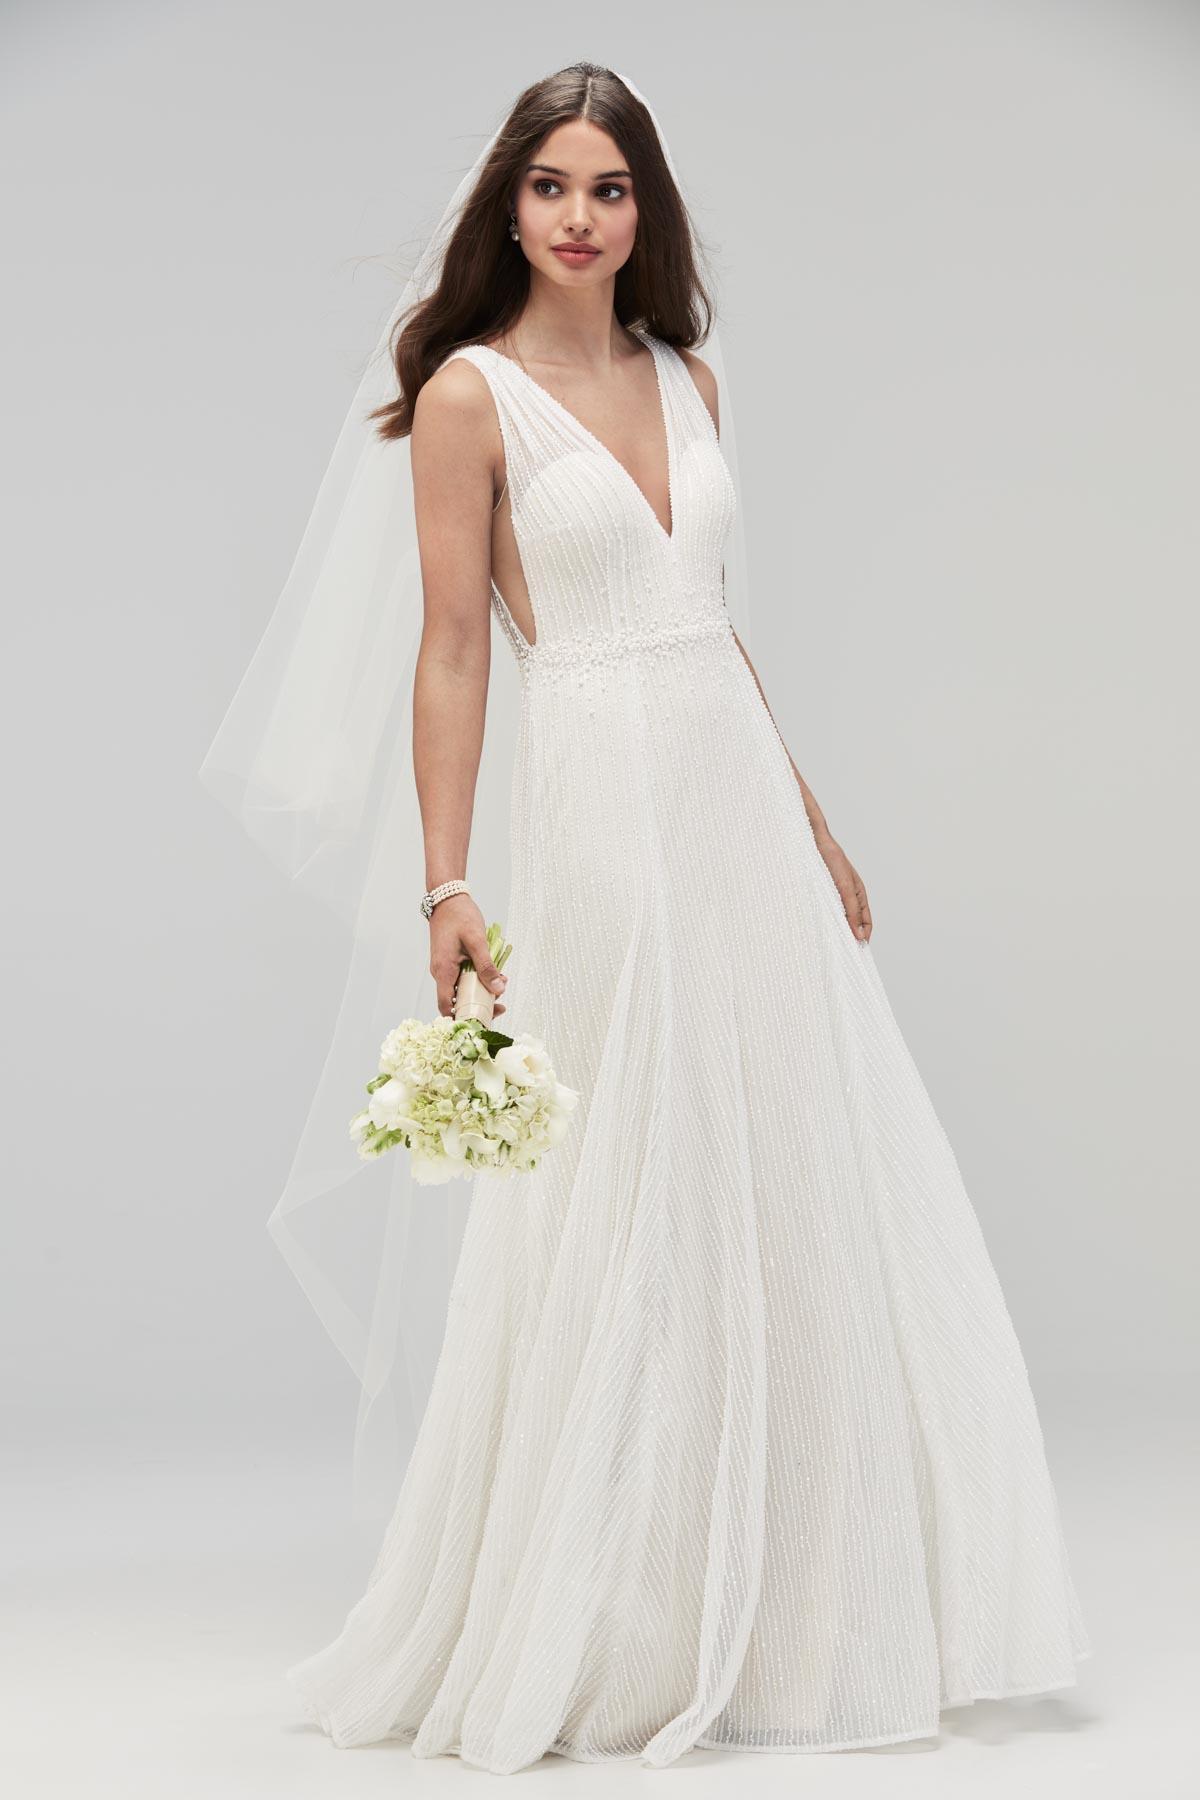 Großartig Wtoo Brautjunferkleider Preise Galerie - Hochzeit Kleid ...